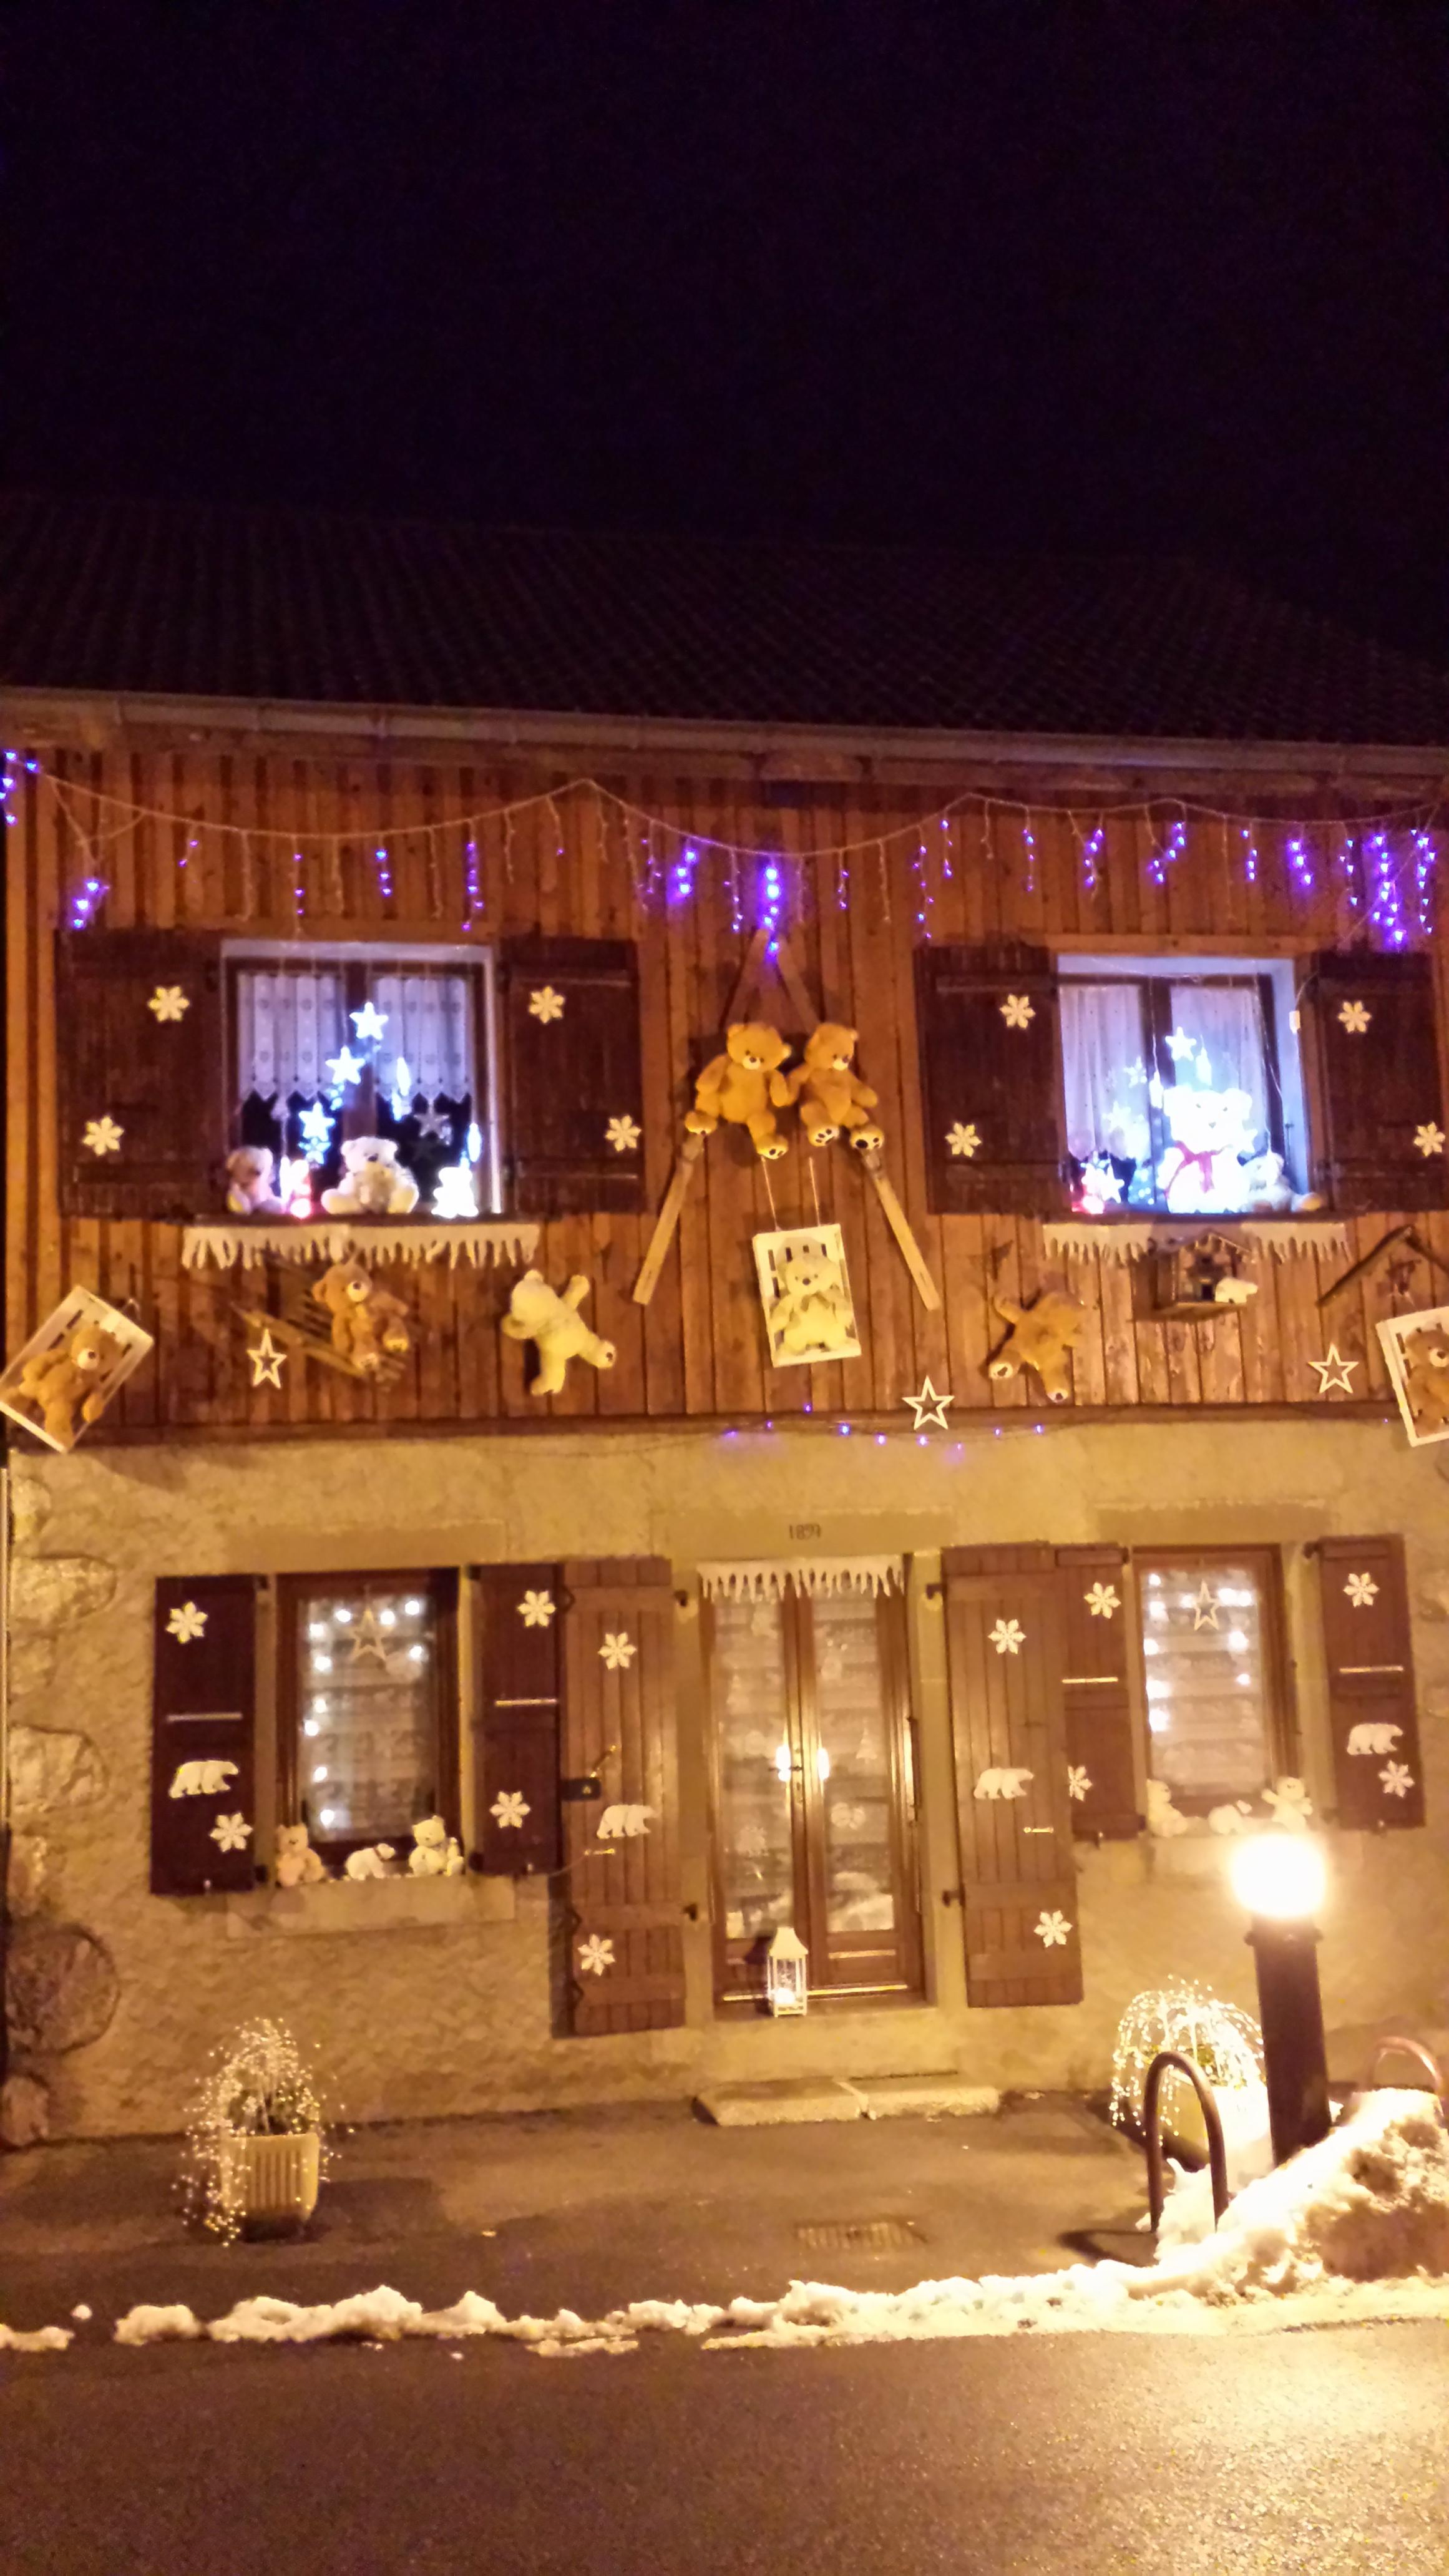 #B1731A Envoyez Nous Vos Photos De Décorations De Noël Signé Genève 5435 decorations de noel geneve 2322x4128 px @ aertt.com